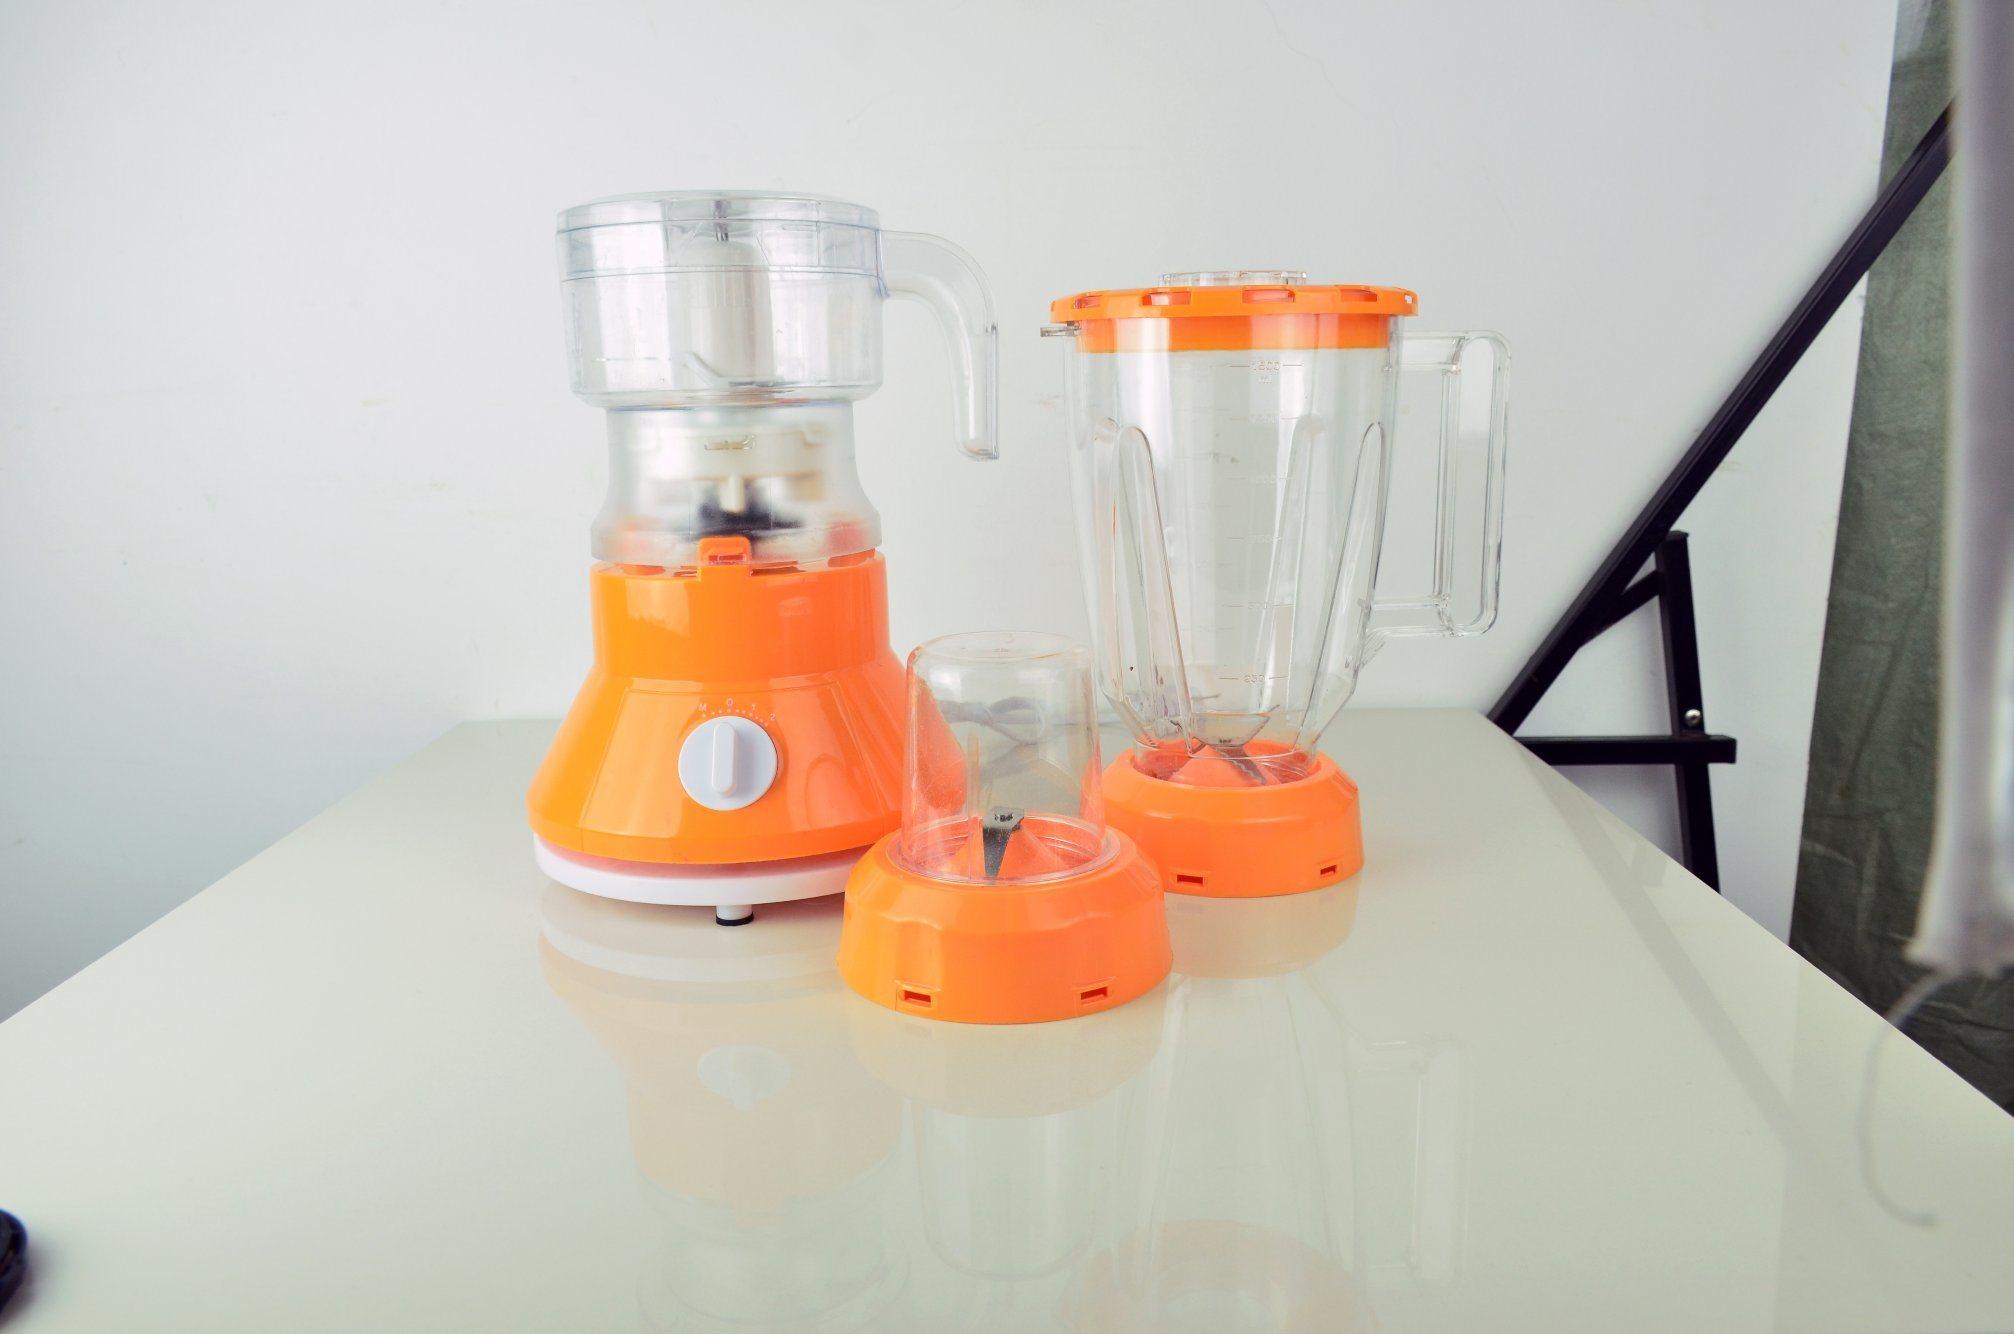 2016 Hot Sell Food Blender with Miller 2815 Juicer Blender